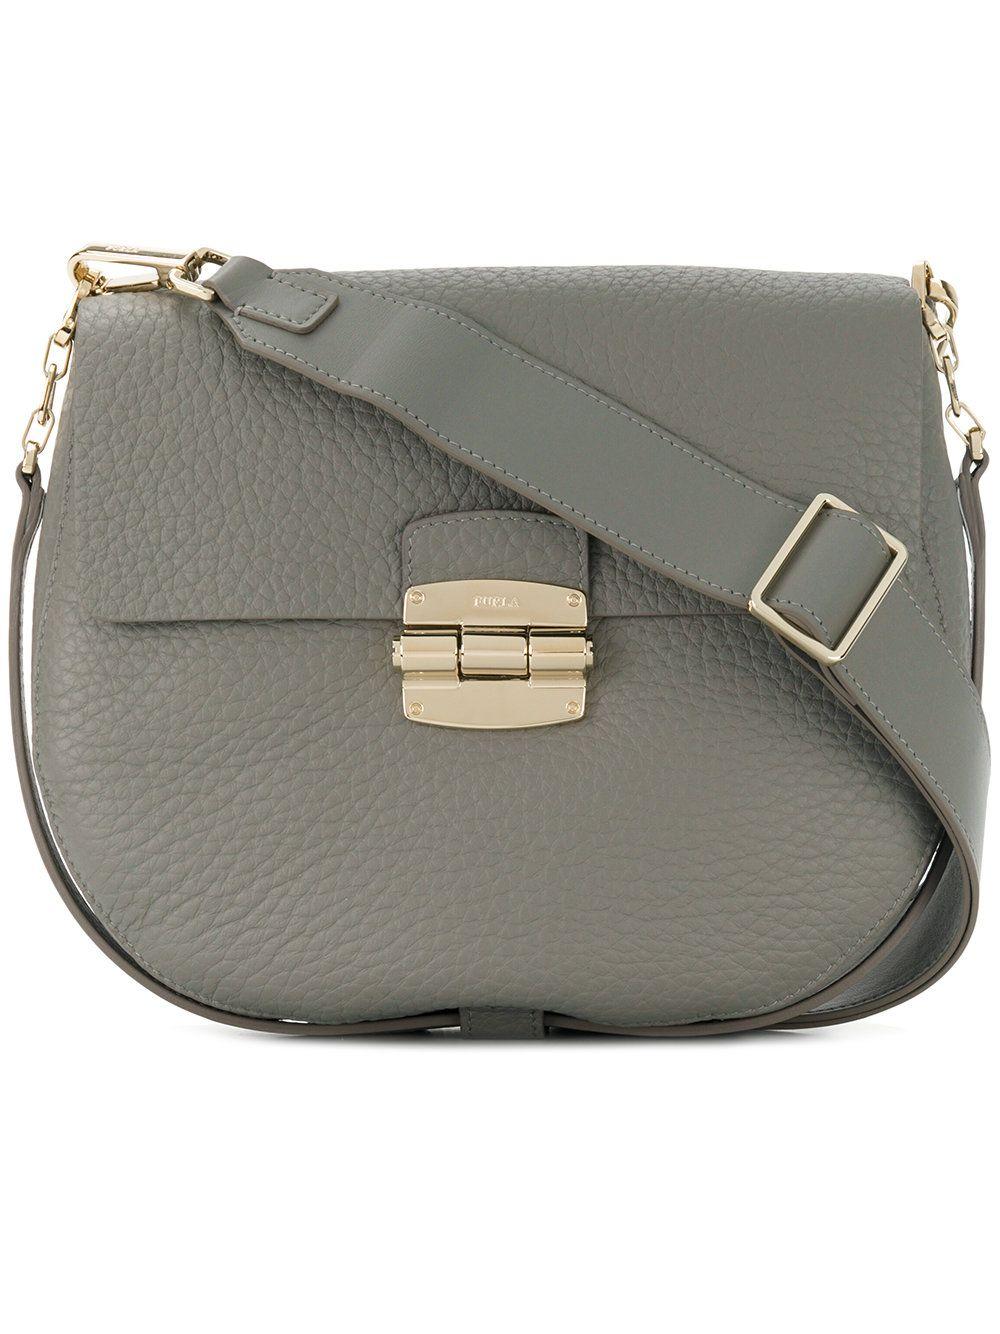 4270678cfbb0 Furla Club shoulder bag